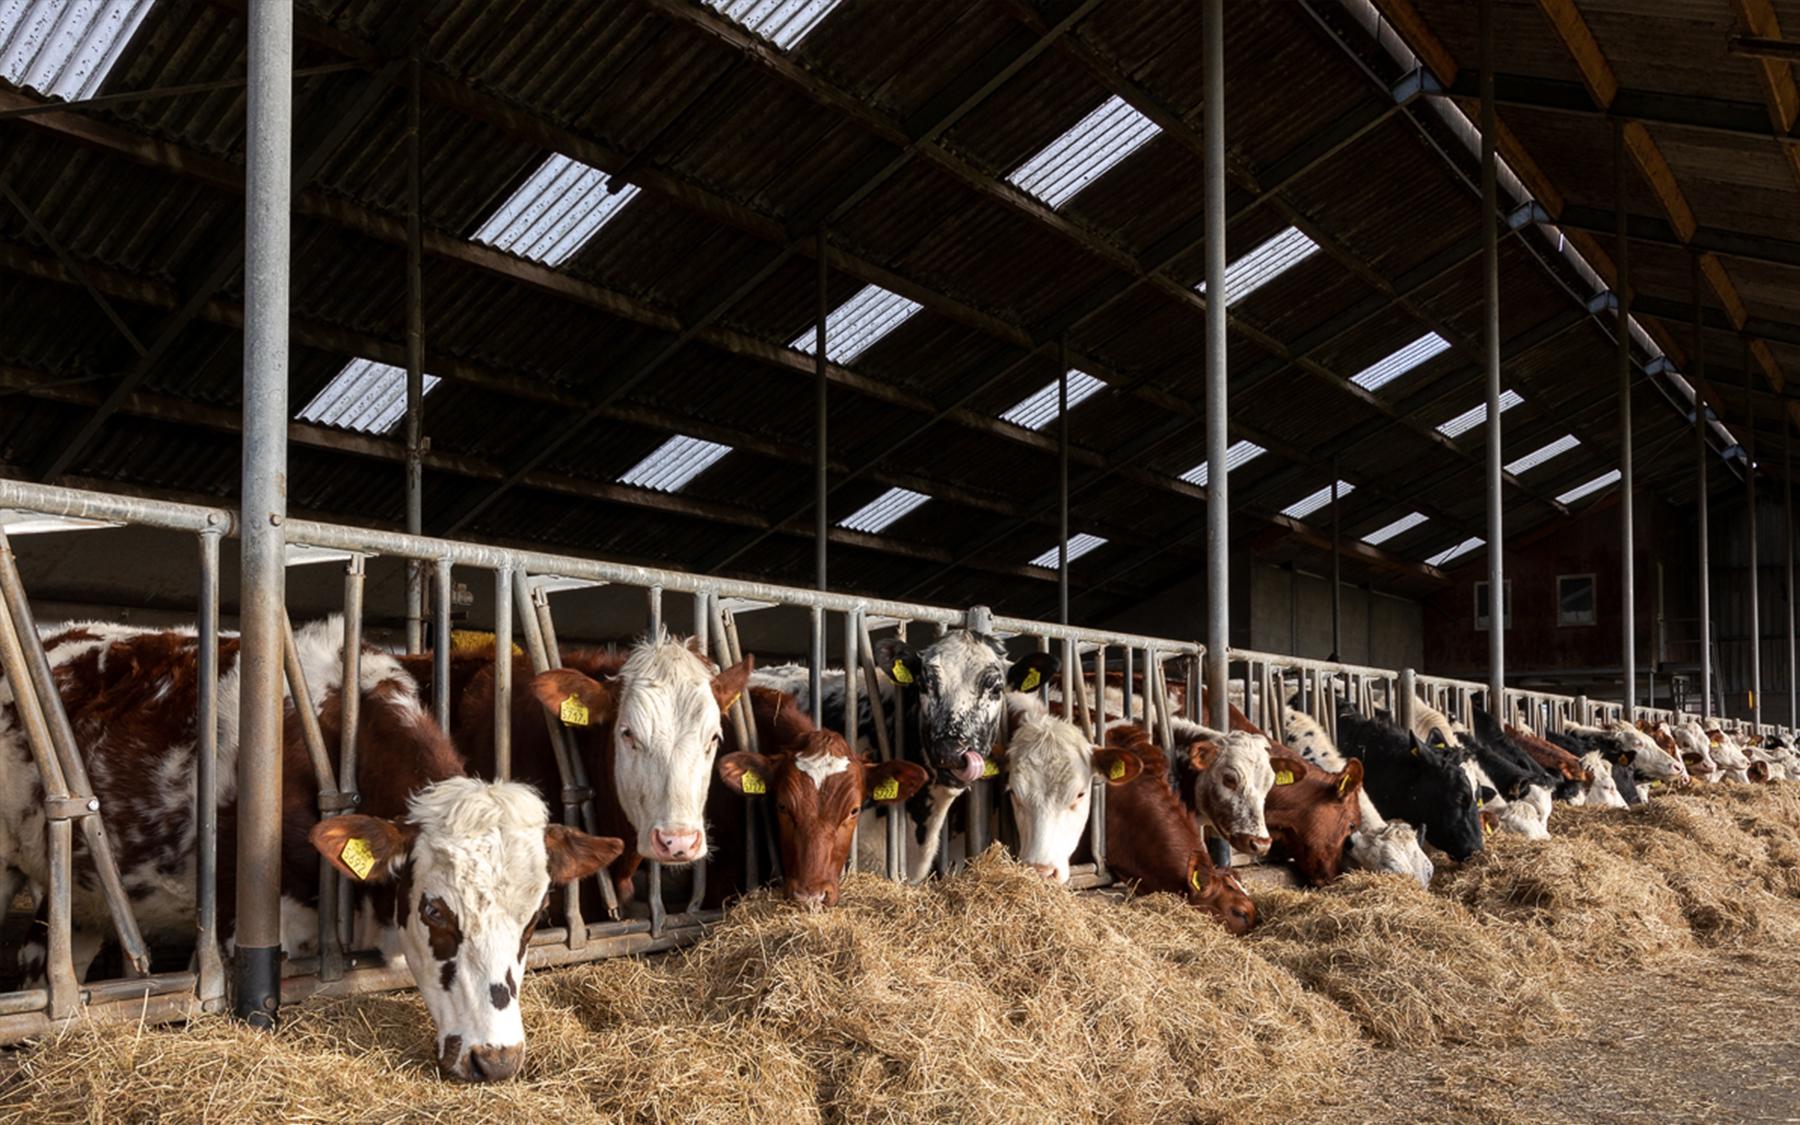 onze dames de koeien in de stal